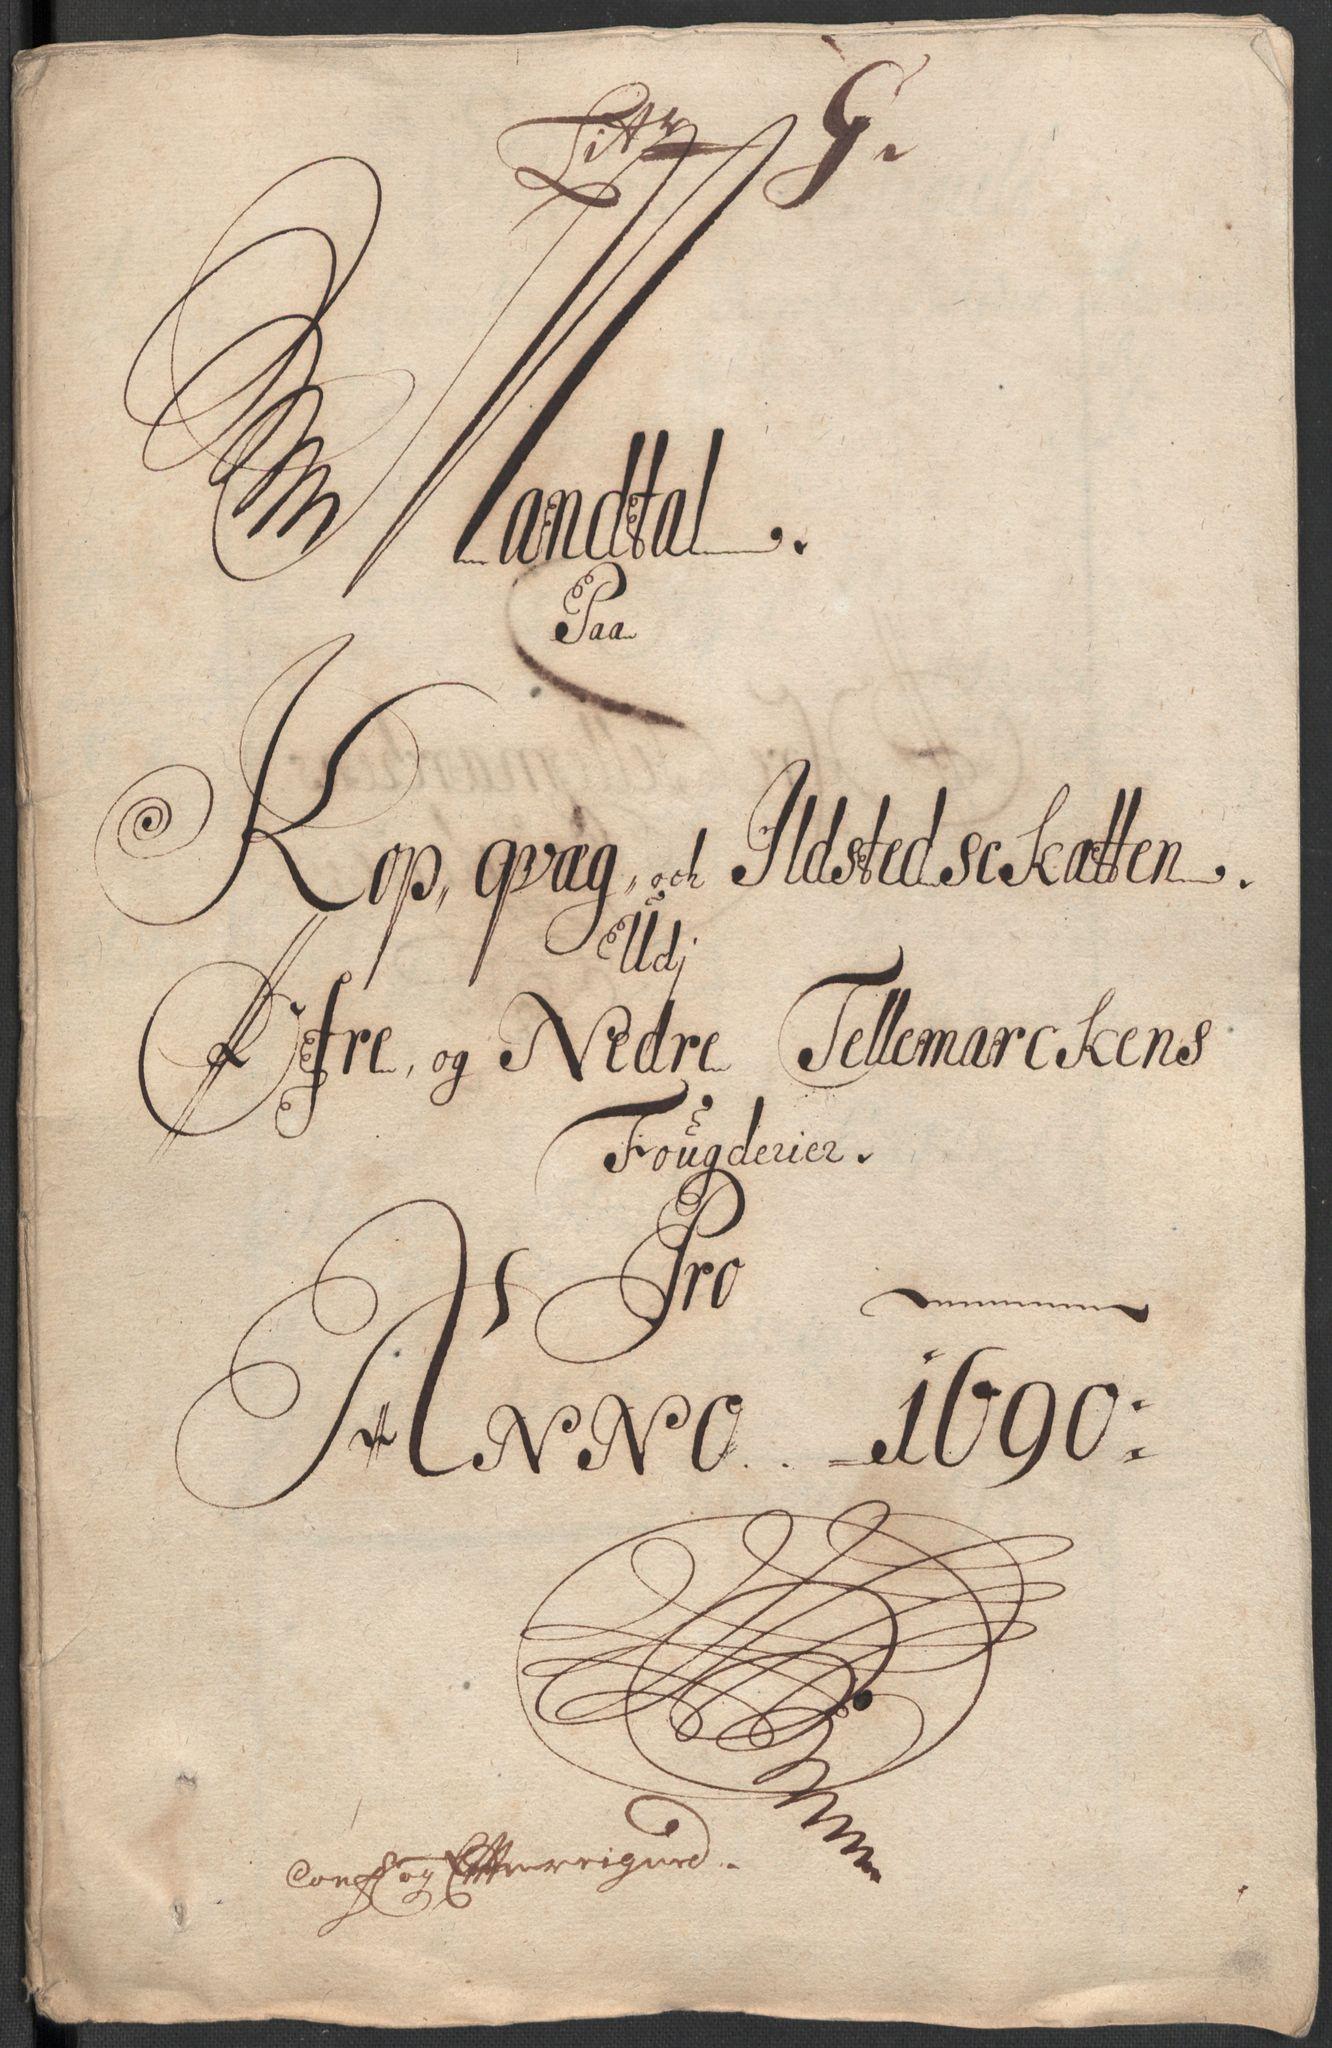 RA, Rentekammeret inntil 1814, Reviderte regnskaper, Fogderegnskap, R35/L2089: Fogderegnskap Øvre og Nedre Telemark, 1690-1692, s. 111